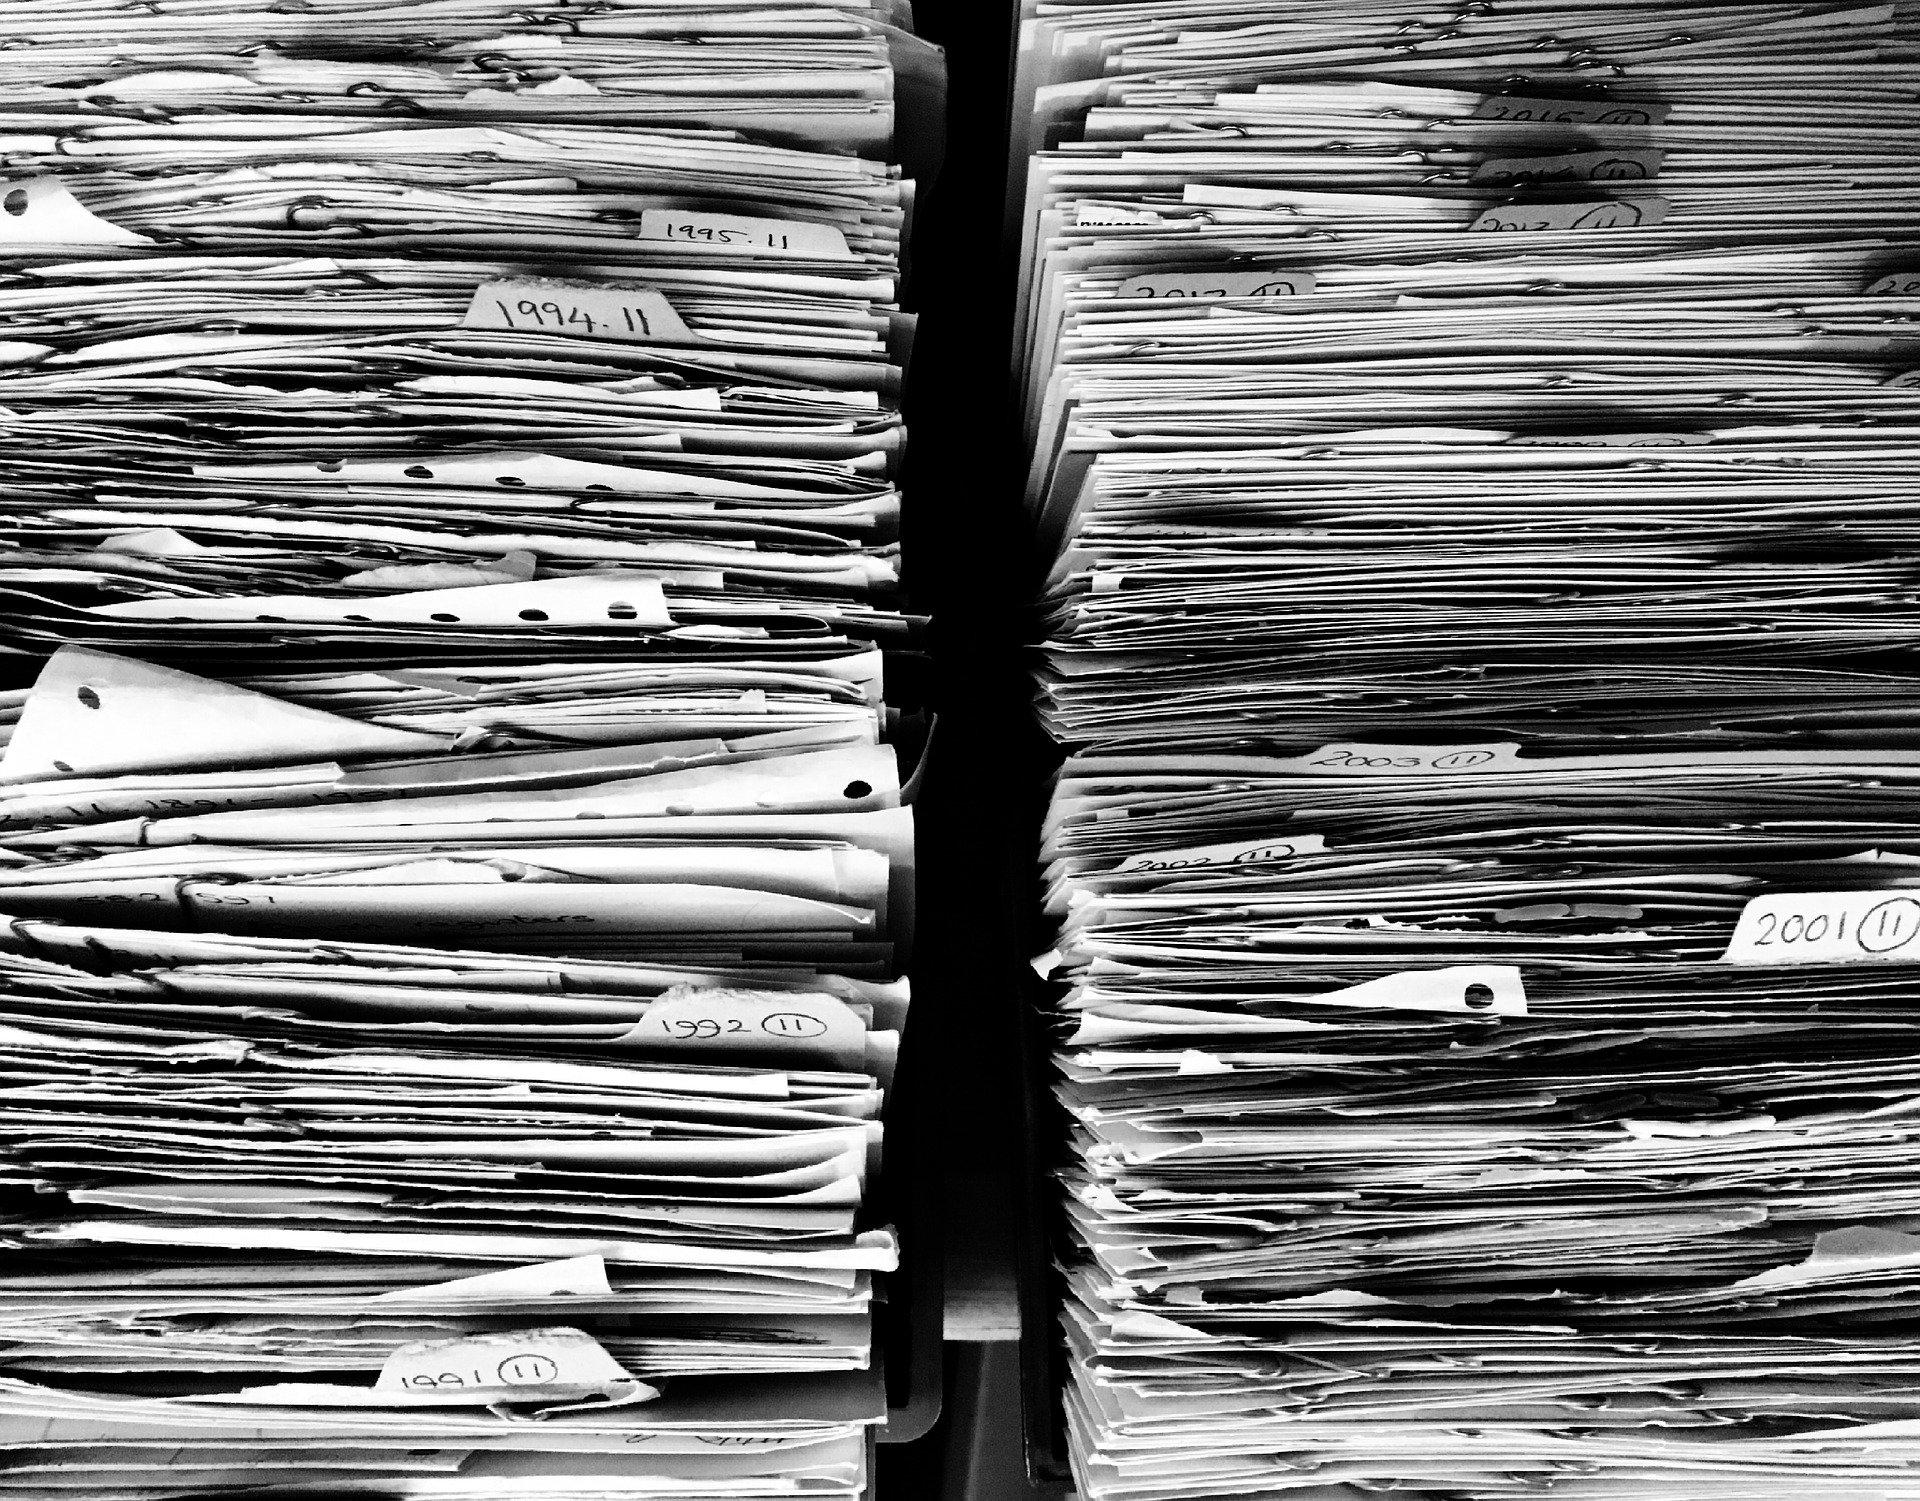 Rejestr umów o dzieło wystartował 01.01.2021 r.